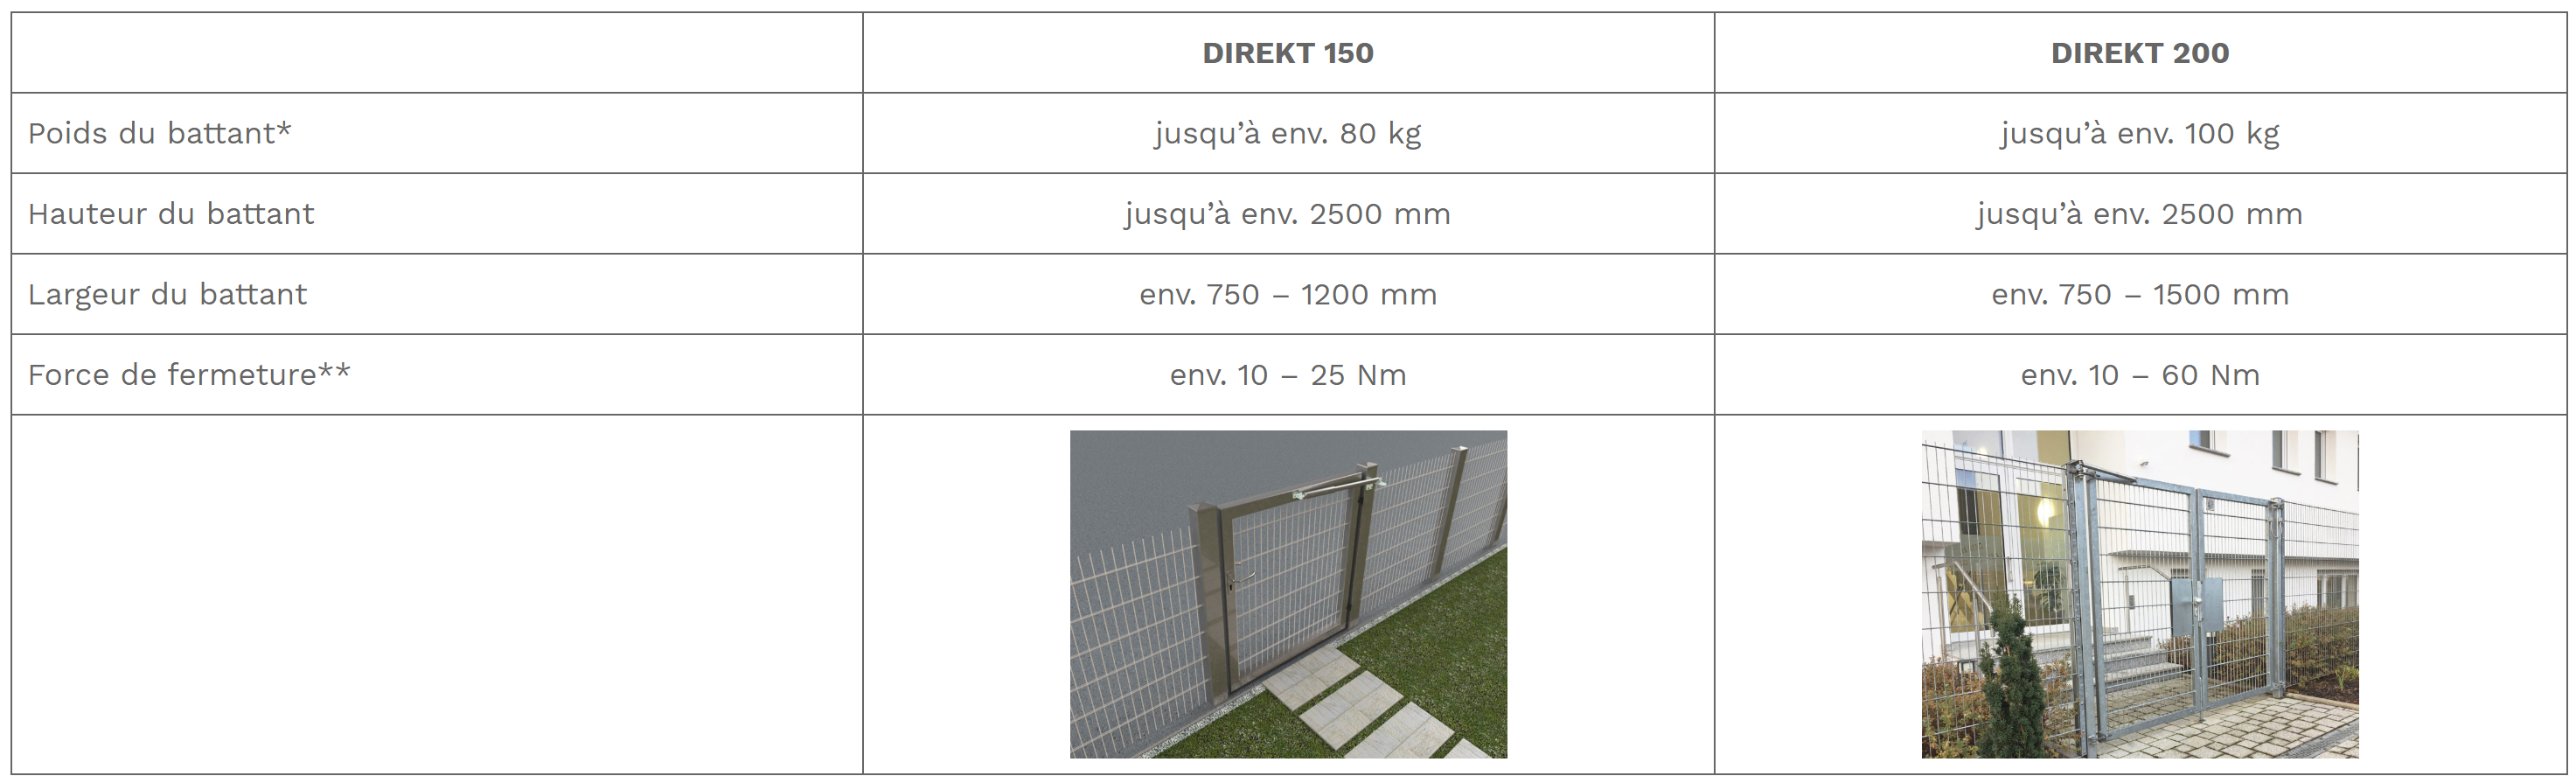 caracteristiques choix direkt 150 ou direkt 200